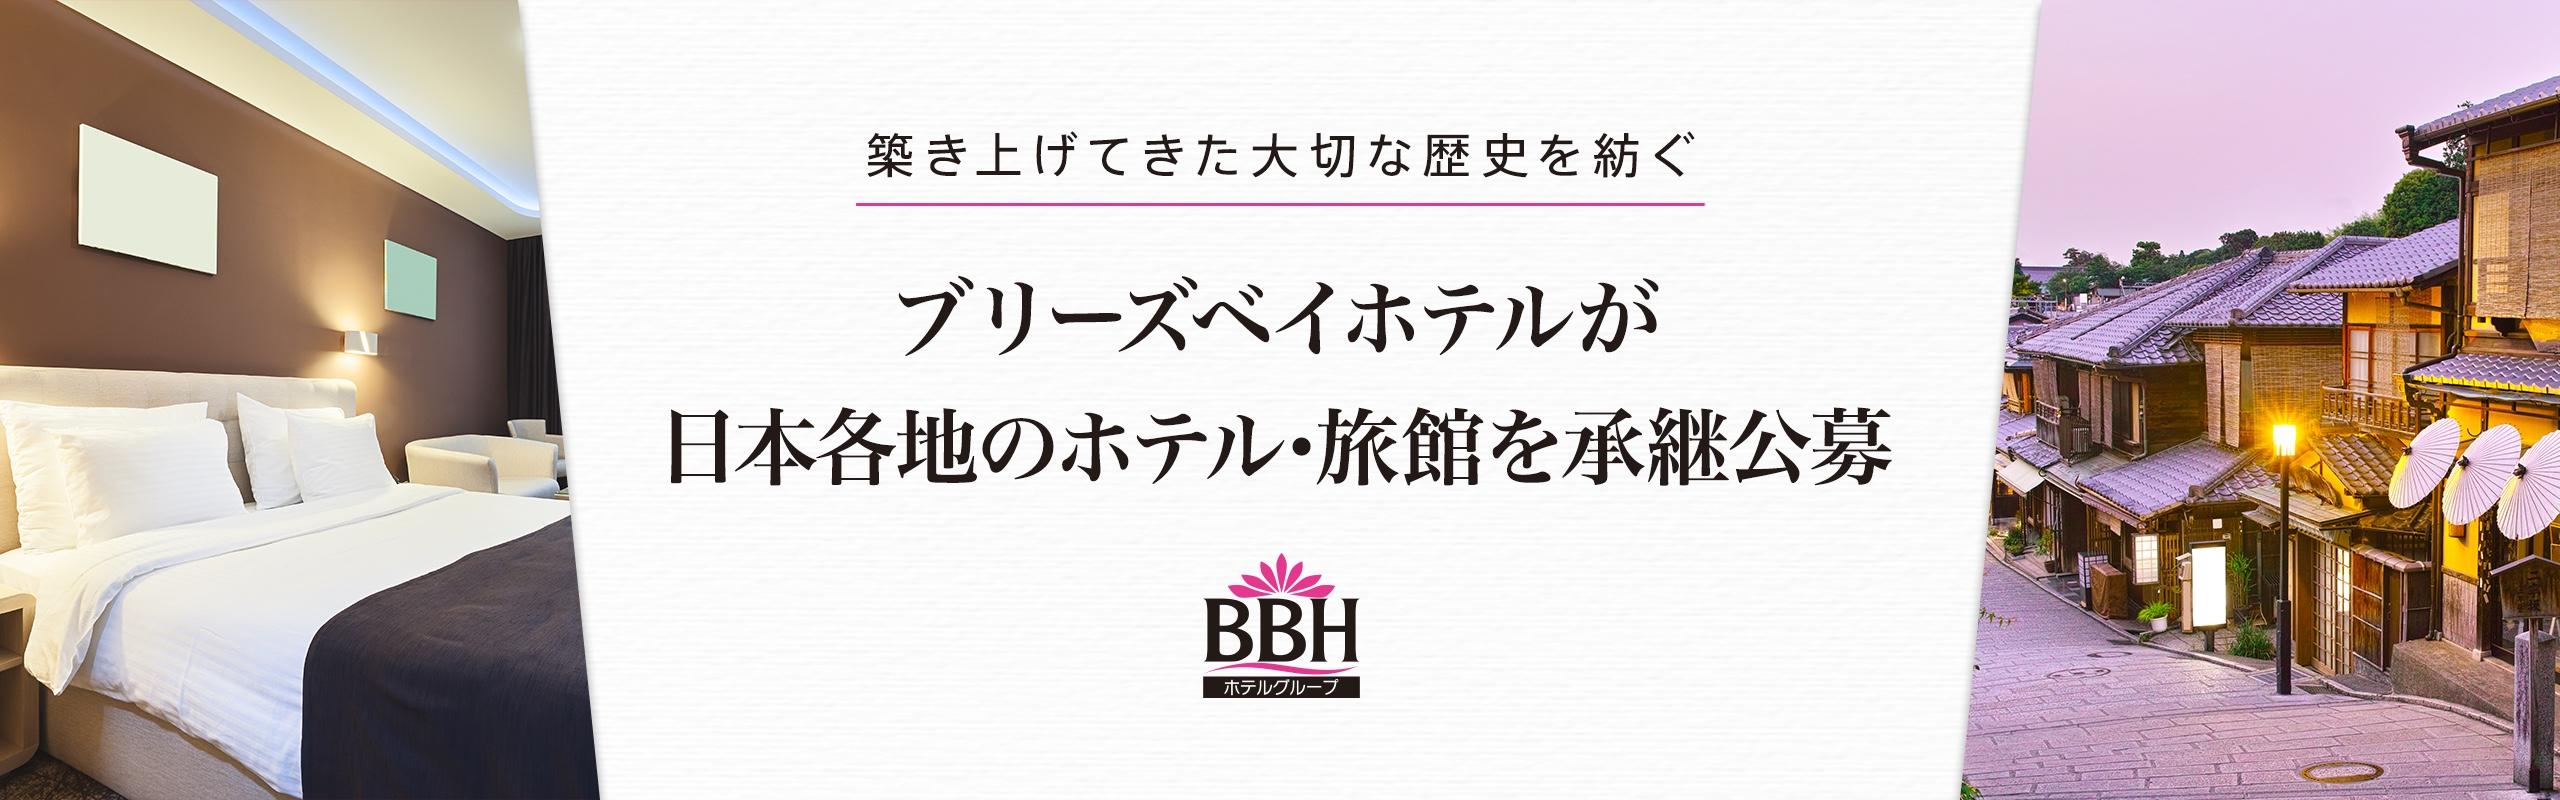 ブリーズベイホテルが日本各地のホテル・旅館を承継公募